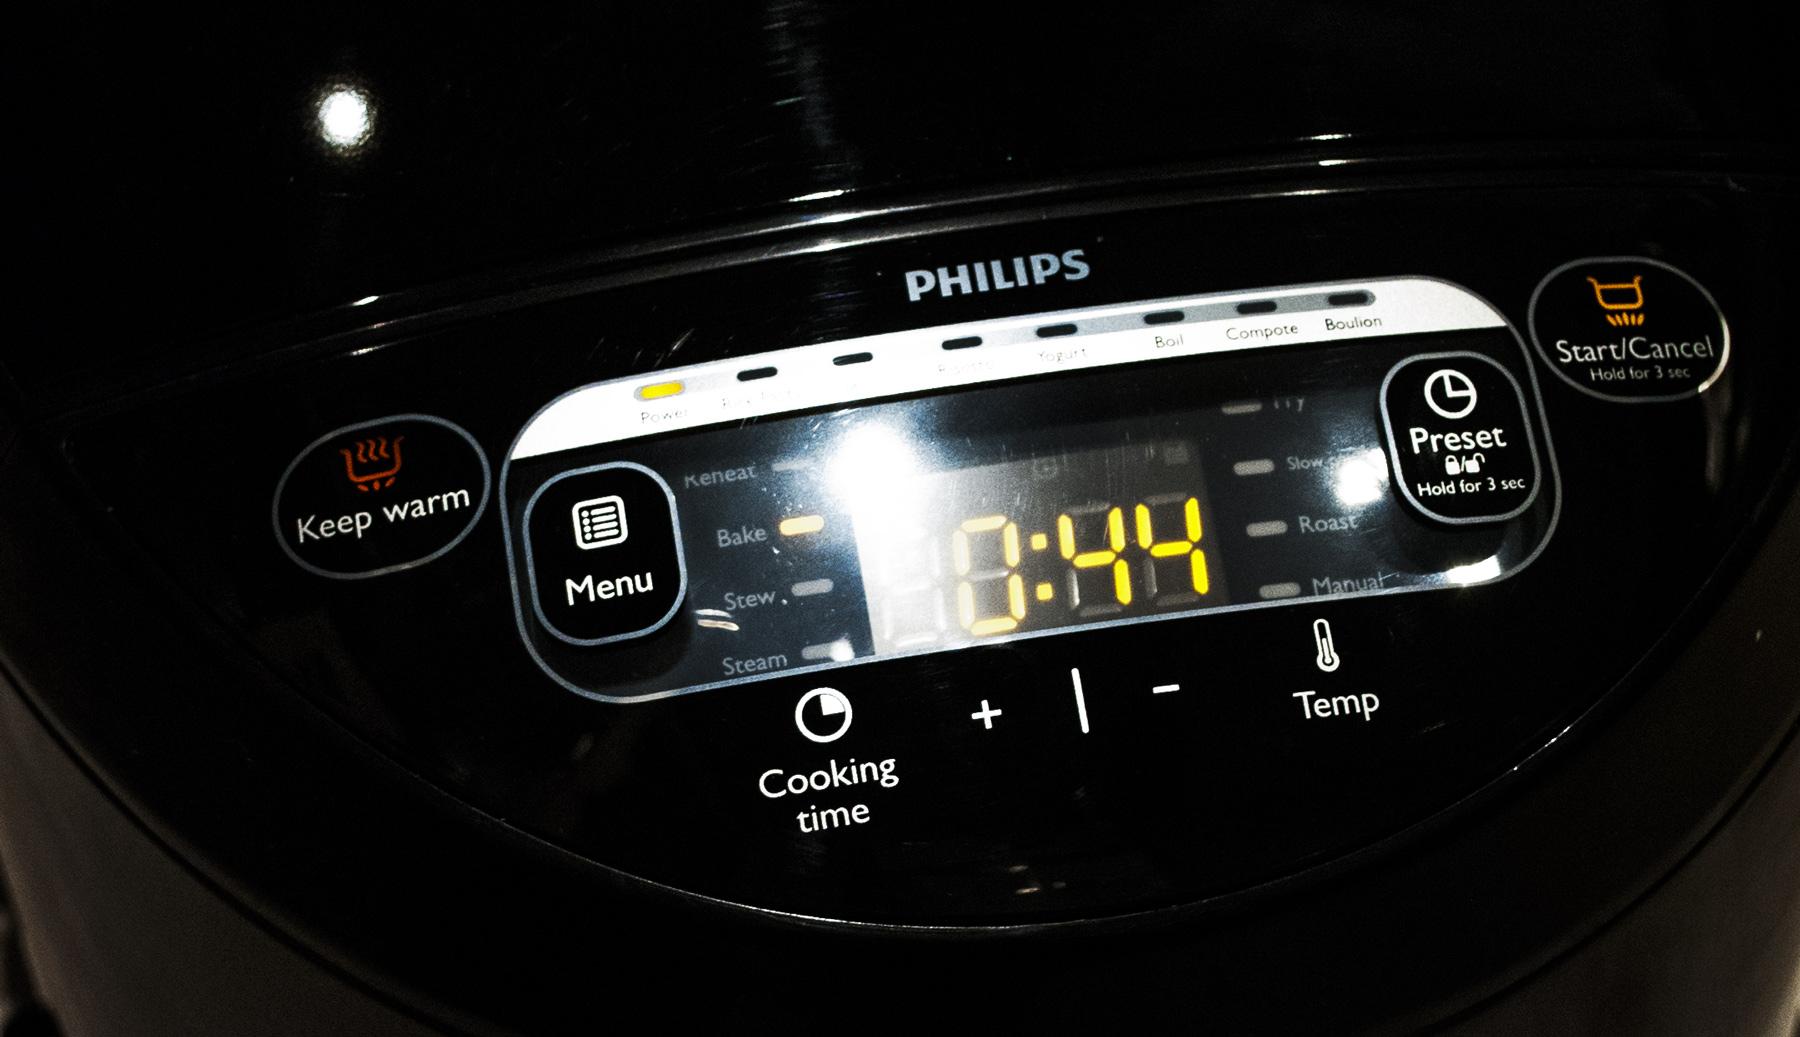 Philips MultiCooker – czarna kuchnia w wersji mobile